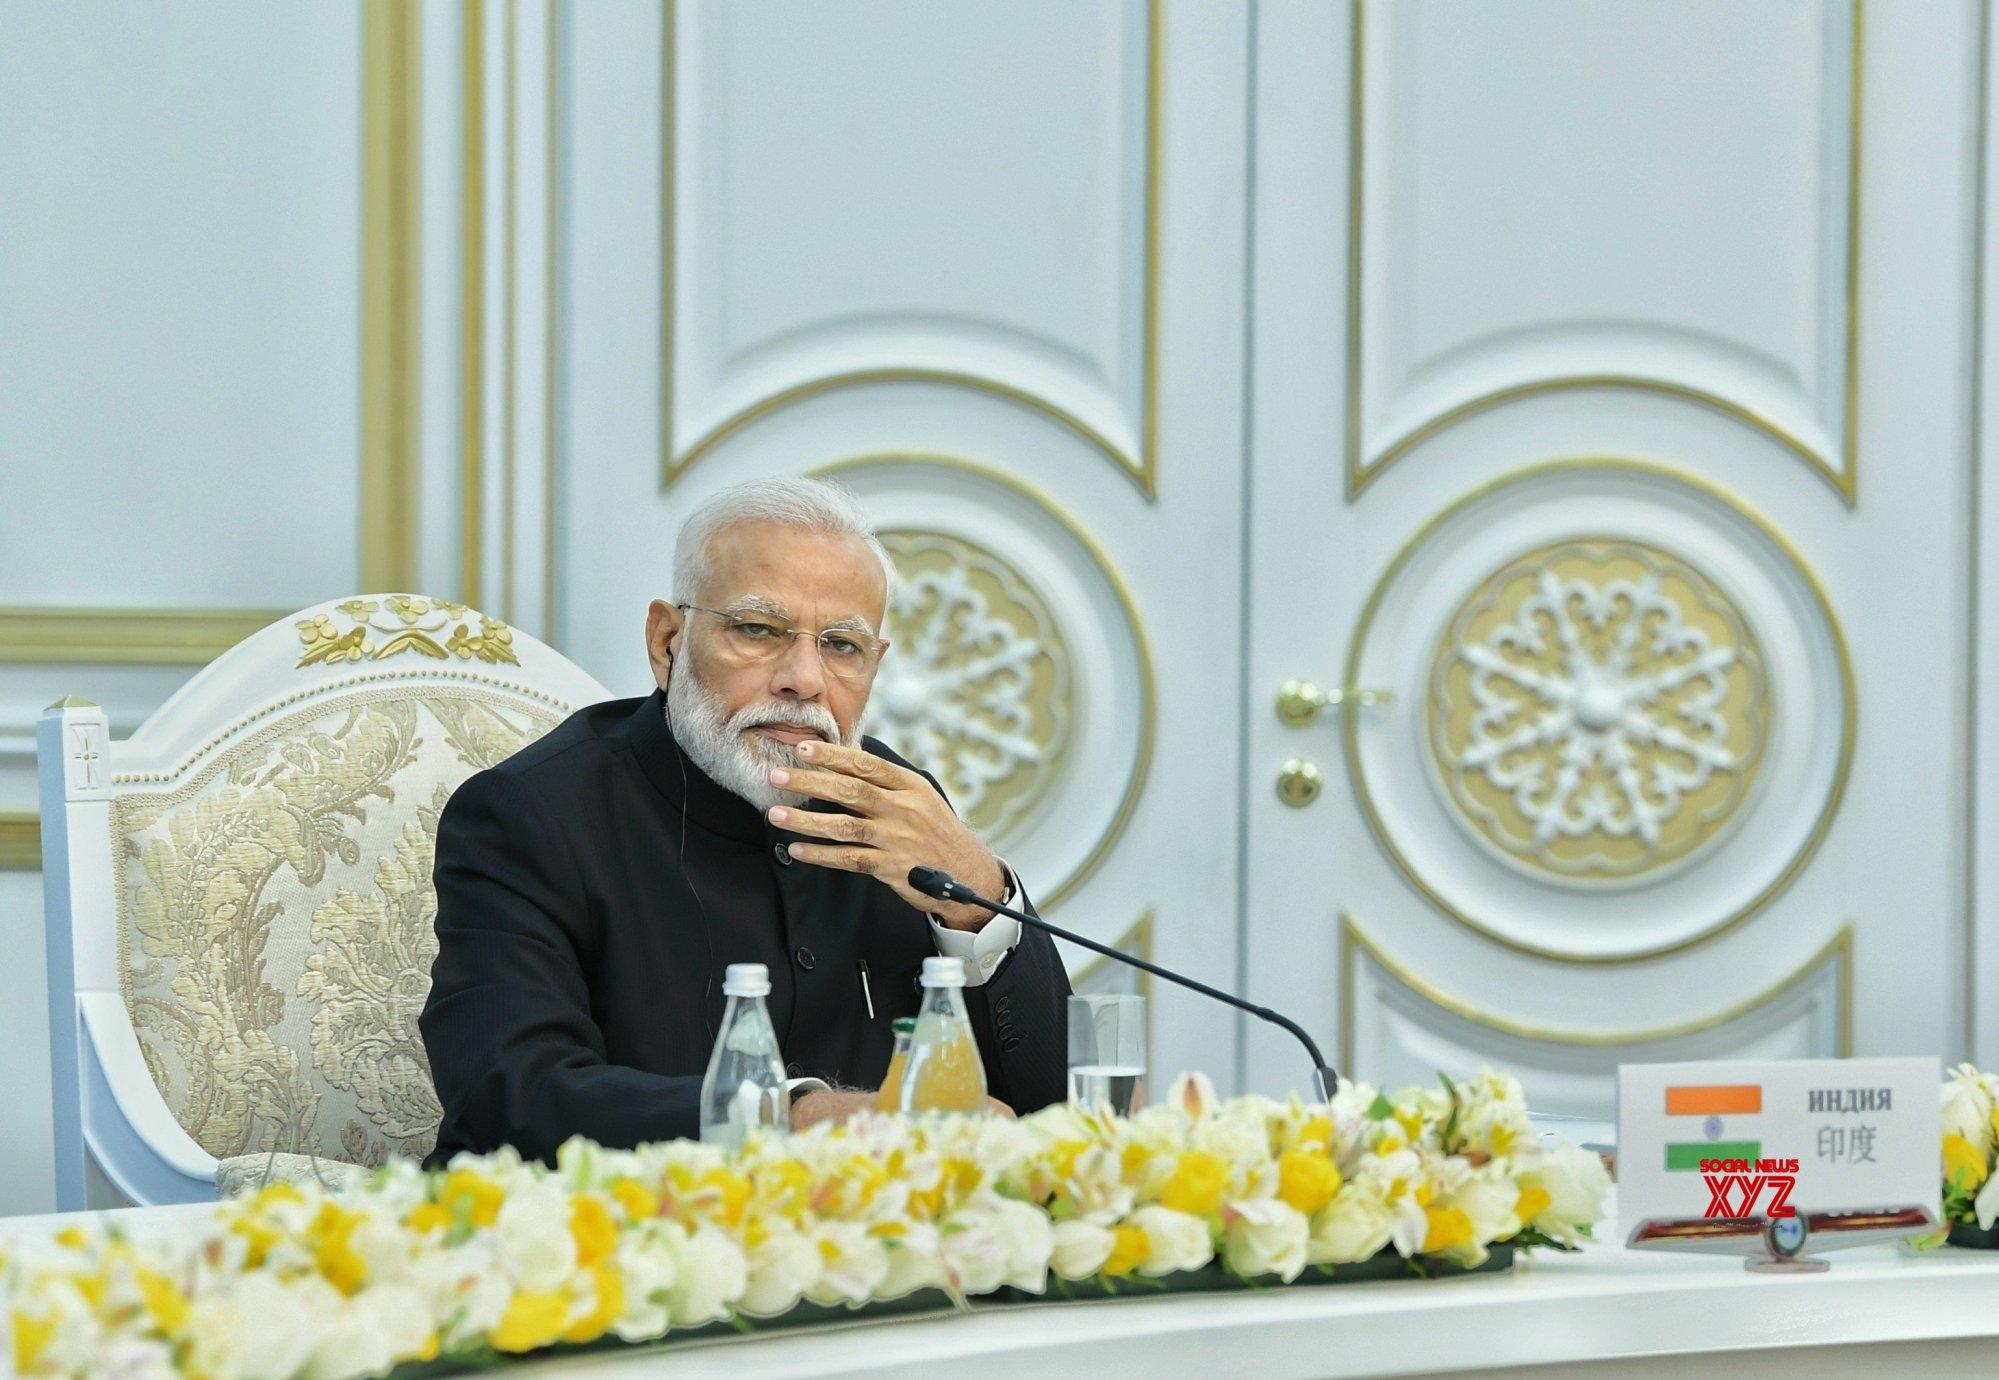 Bishkek: PM Modi at SCO Summit #Gallery